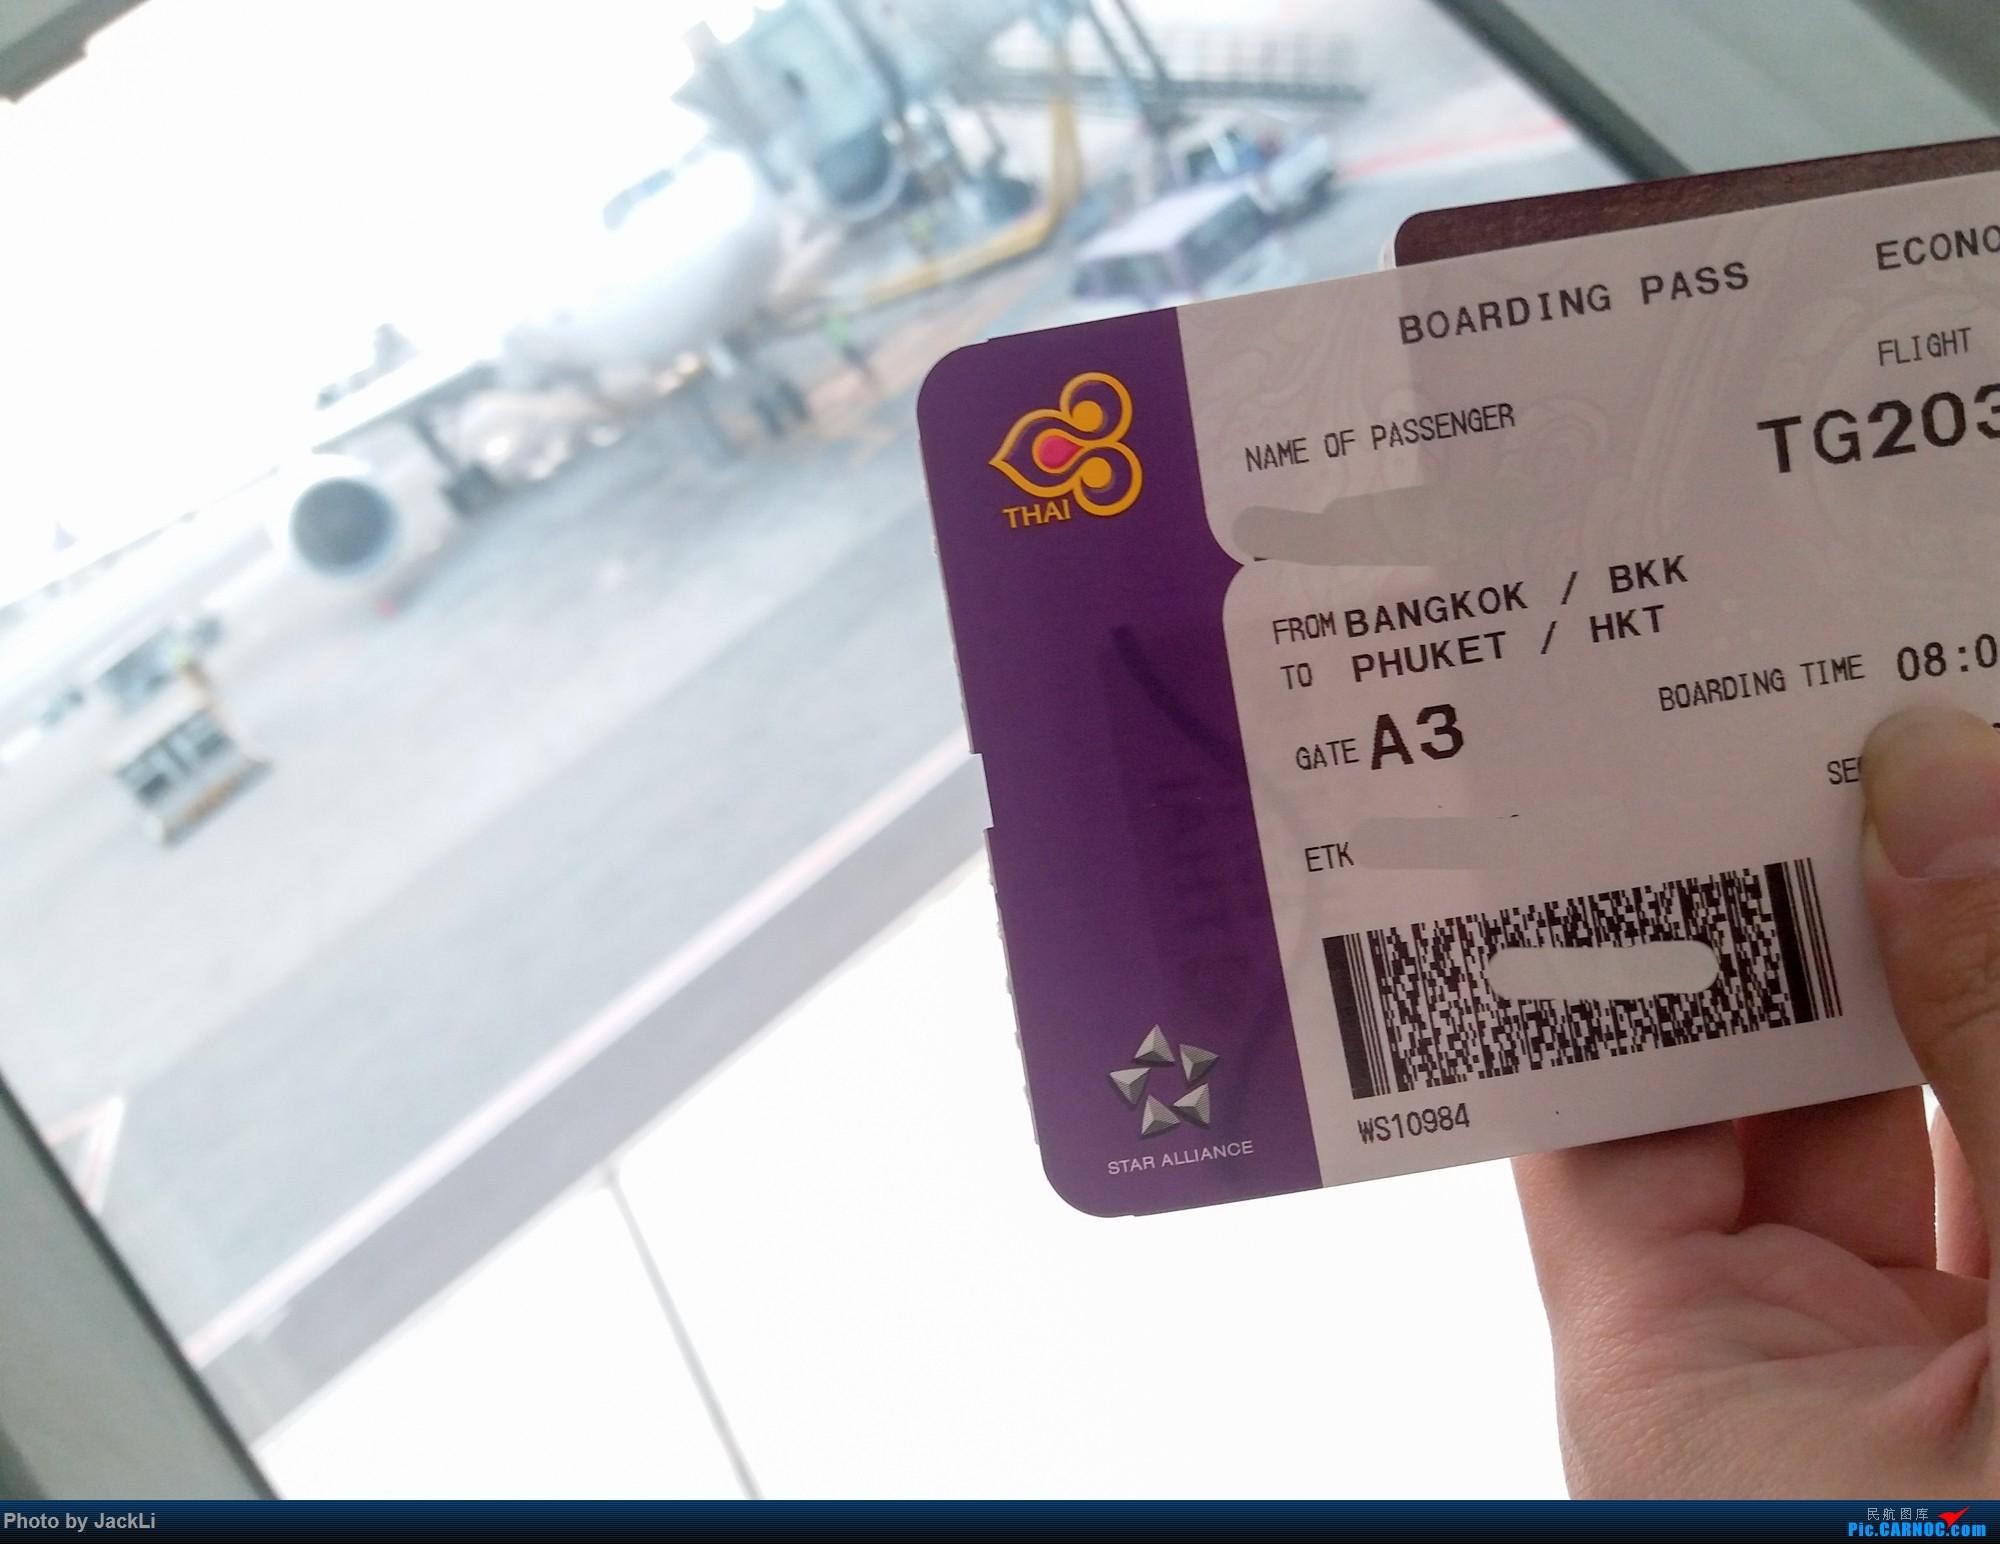 [原创]【JackLi】亚洲圣马丁~普吉岛机场拍机